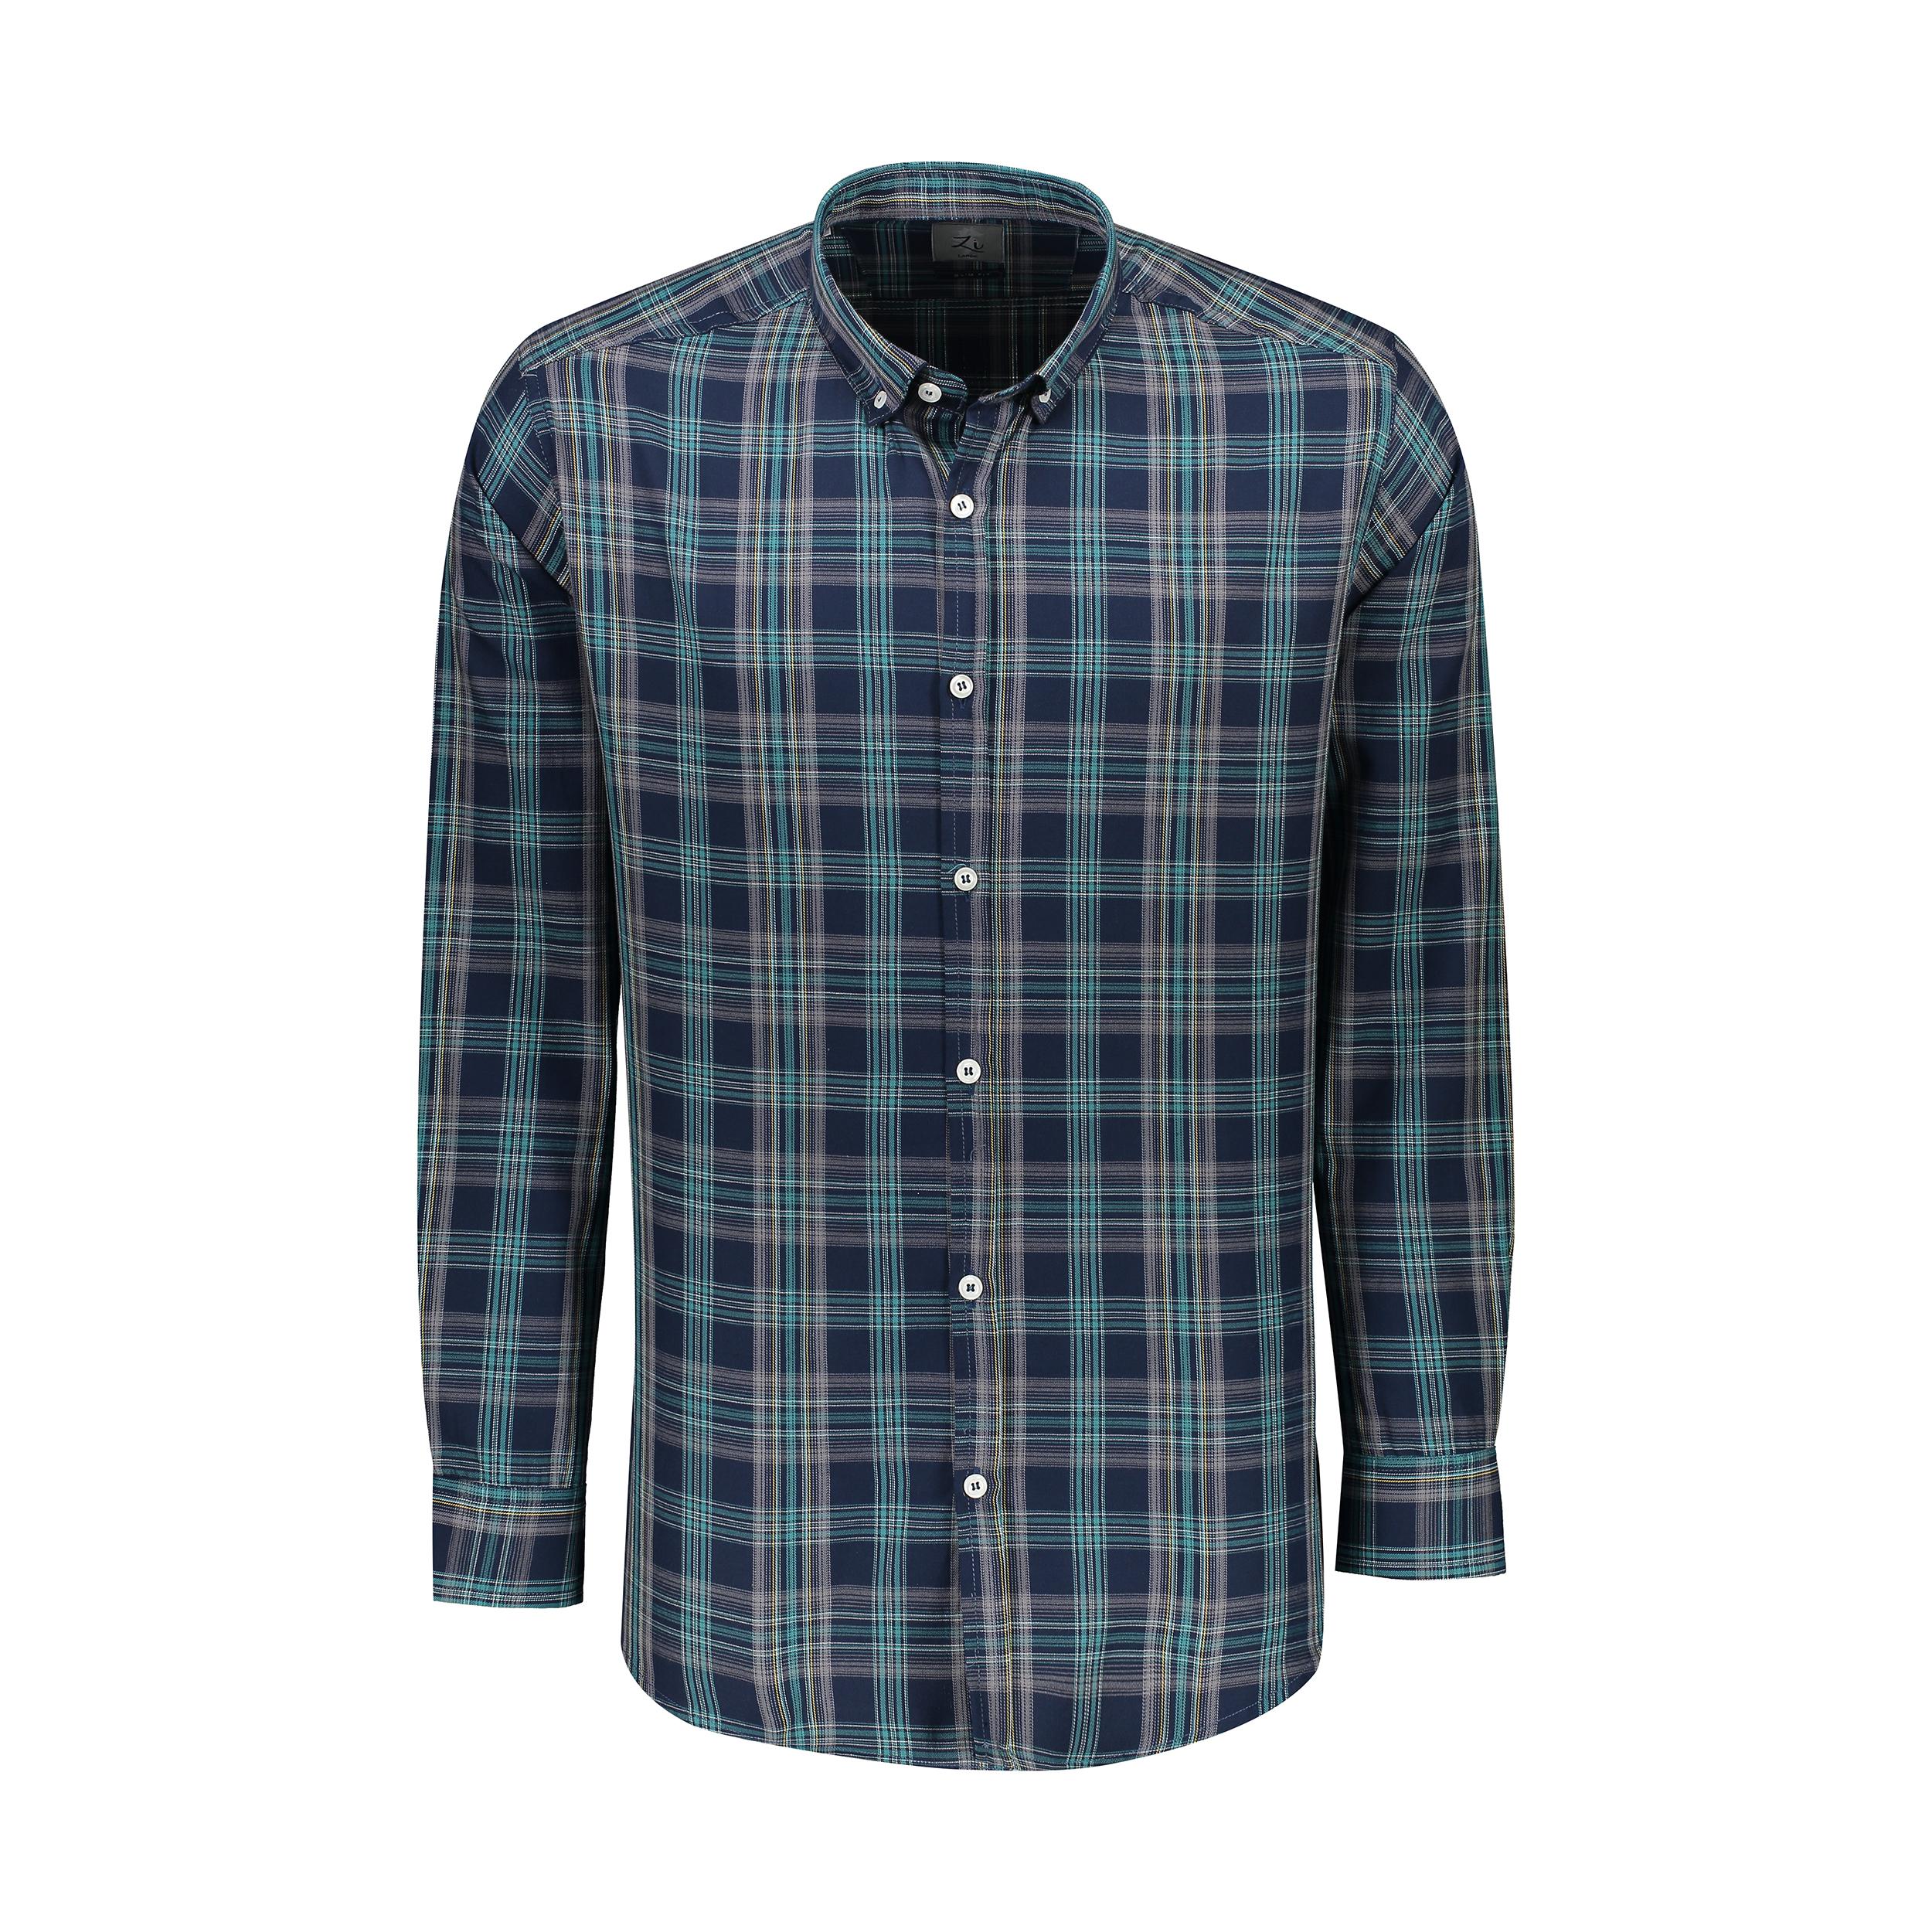 پیراهن آستین بلند مردانه زی مدل 1531341MC